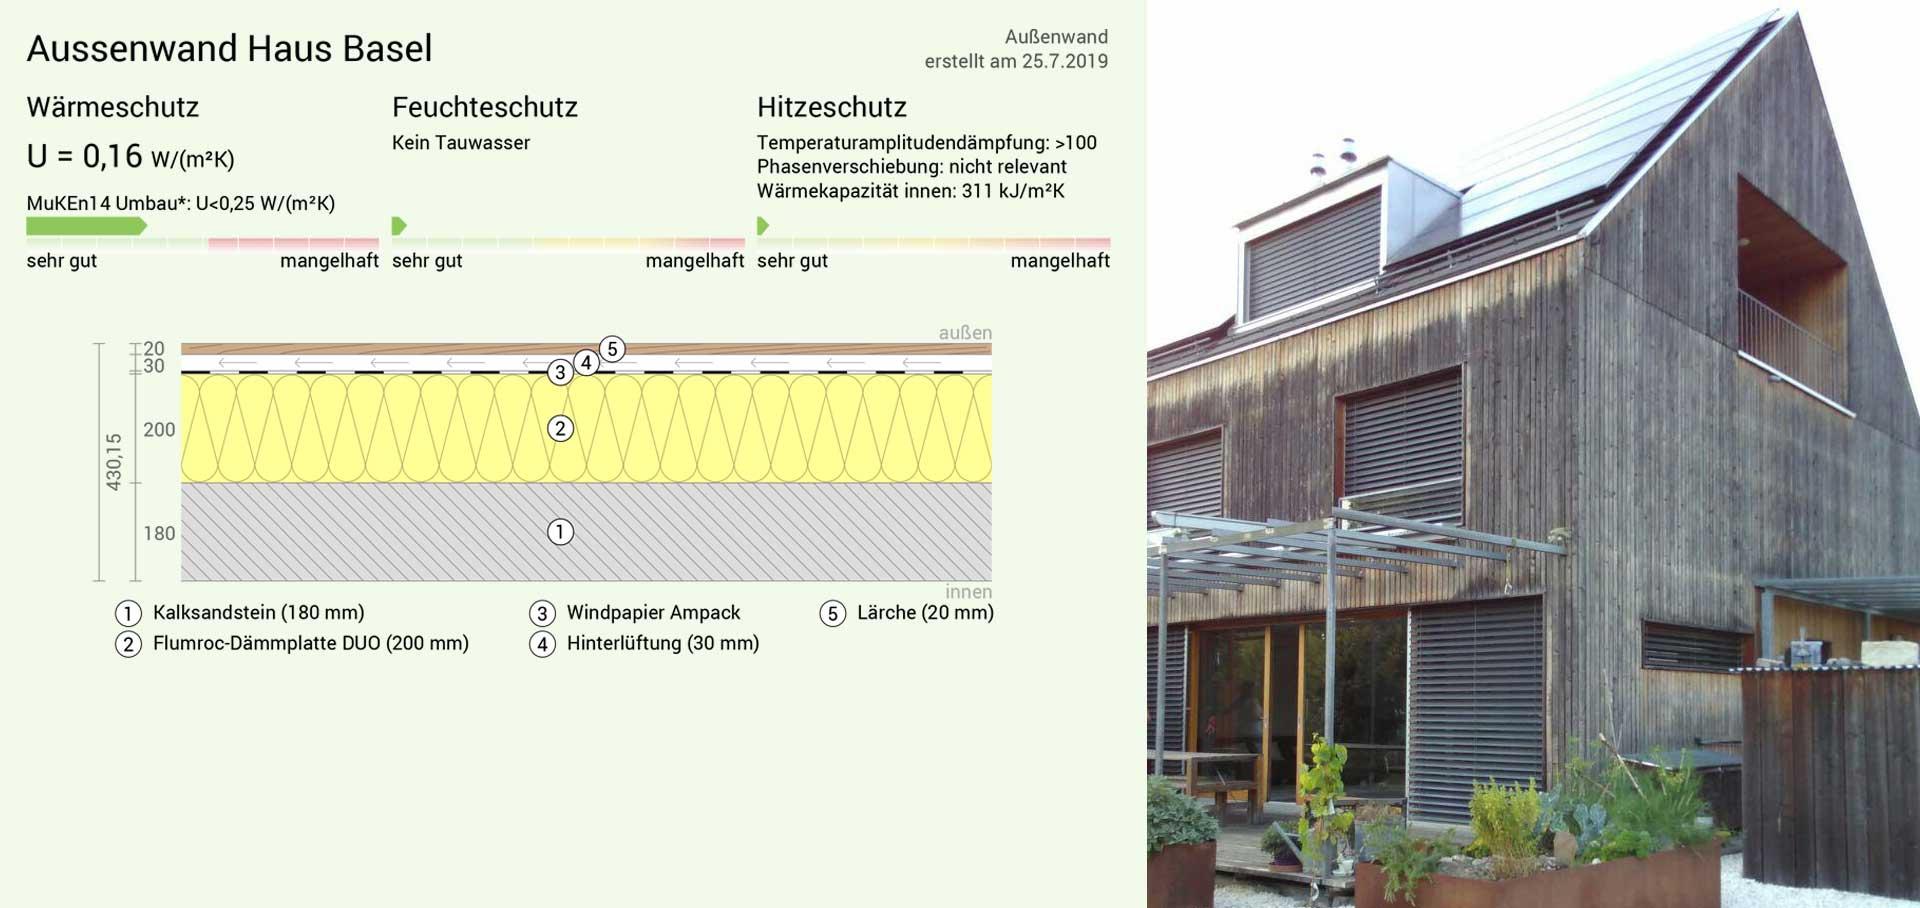 Aussenwand Berechnung Haus Basel